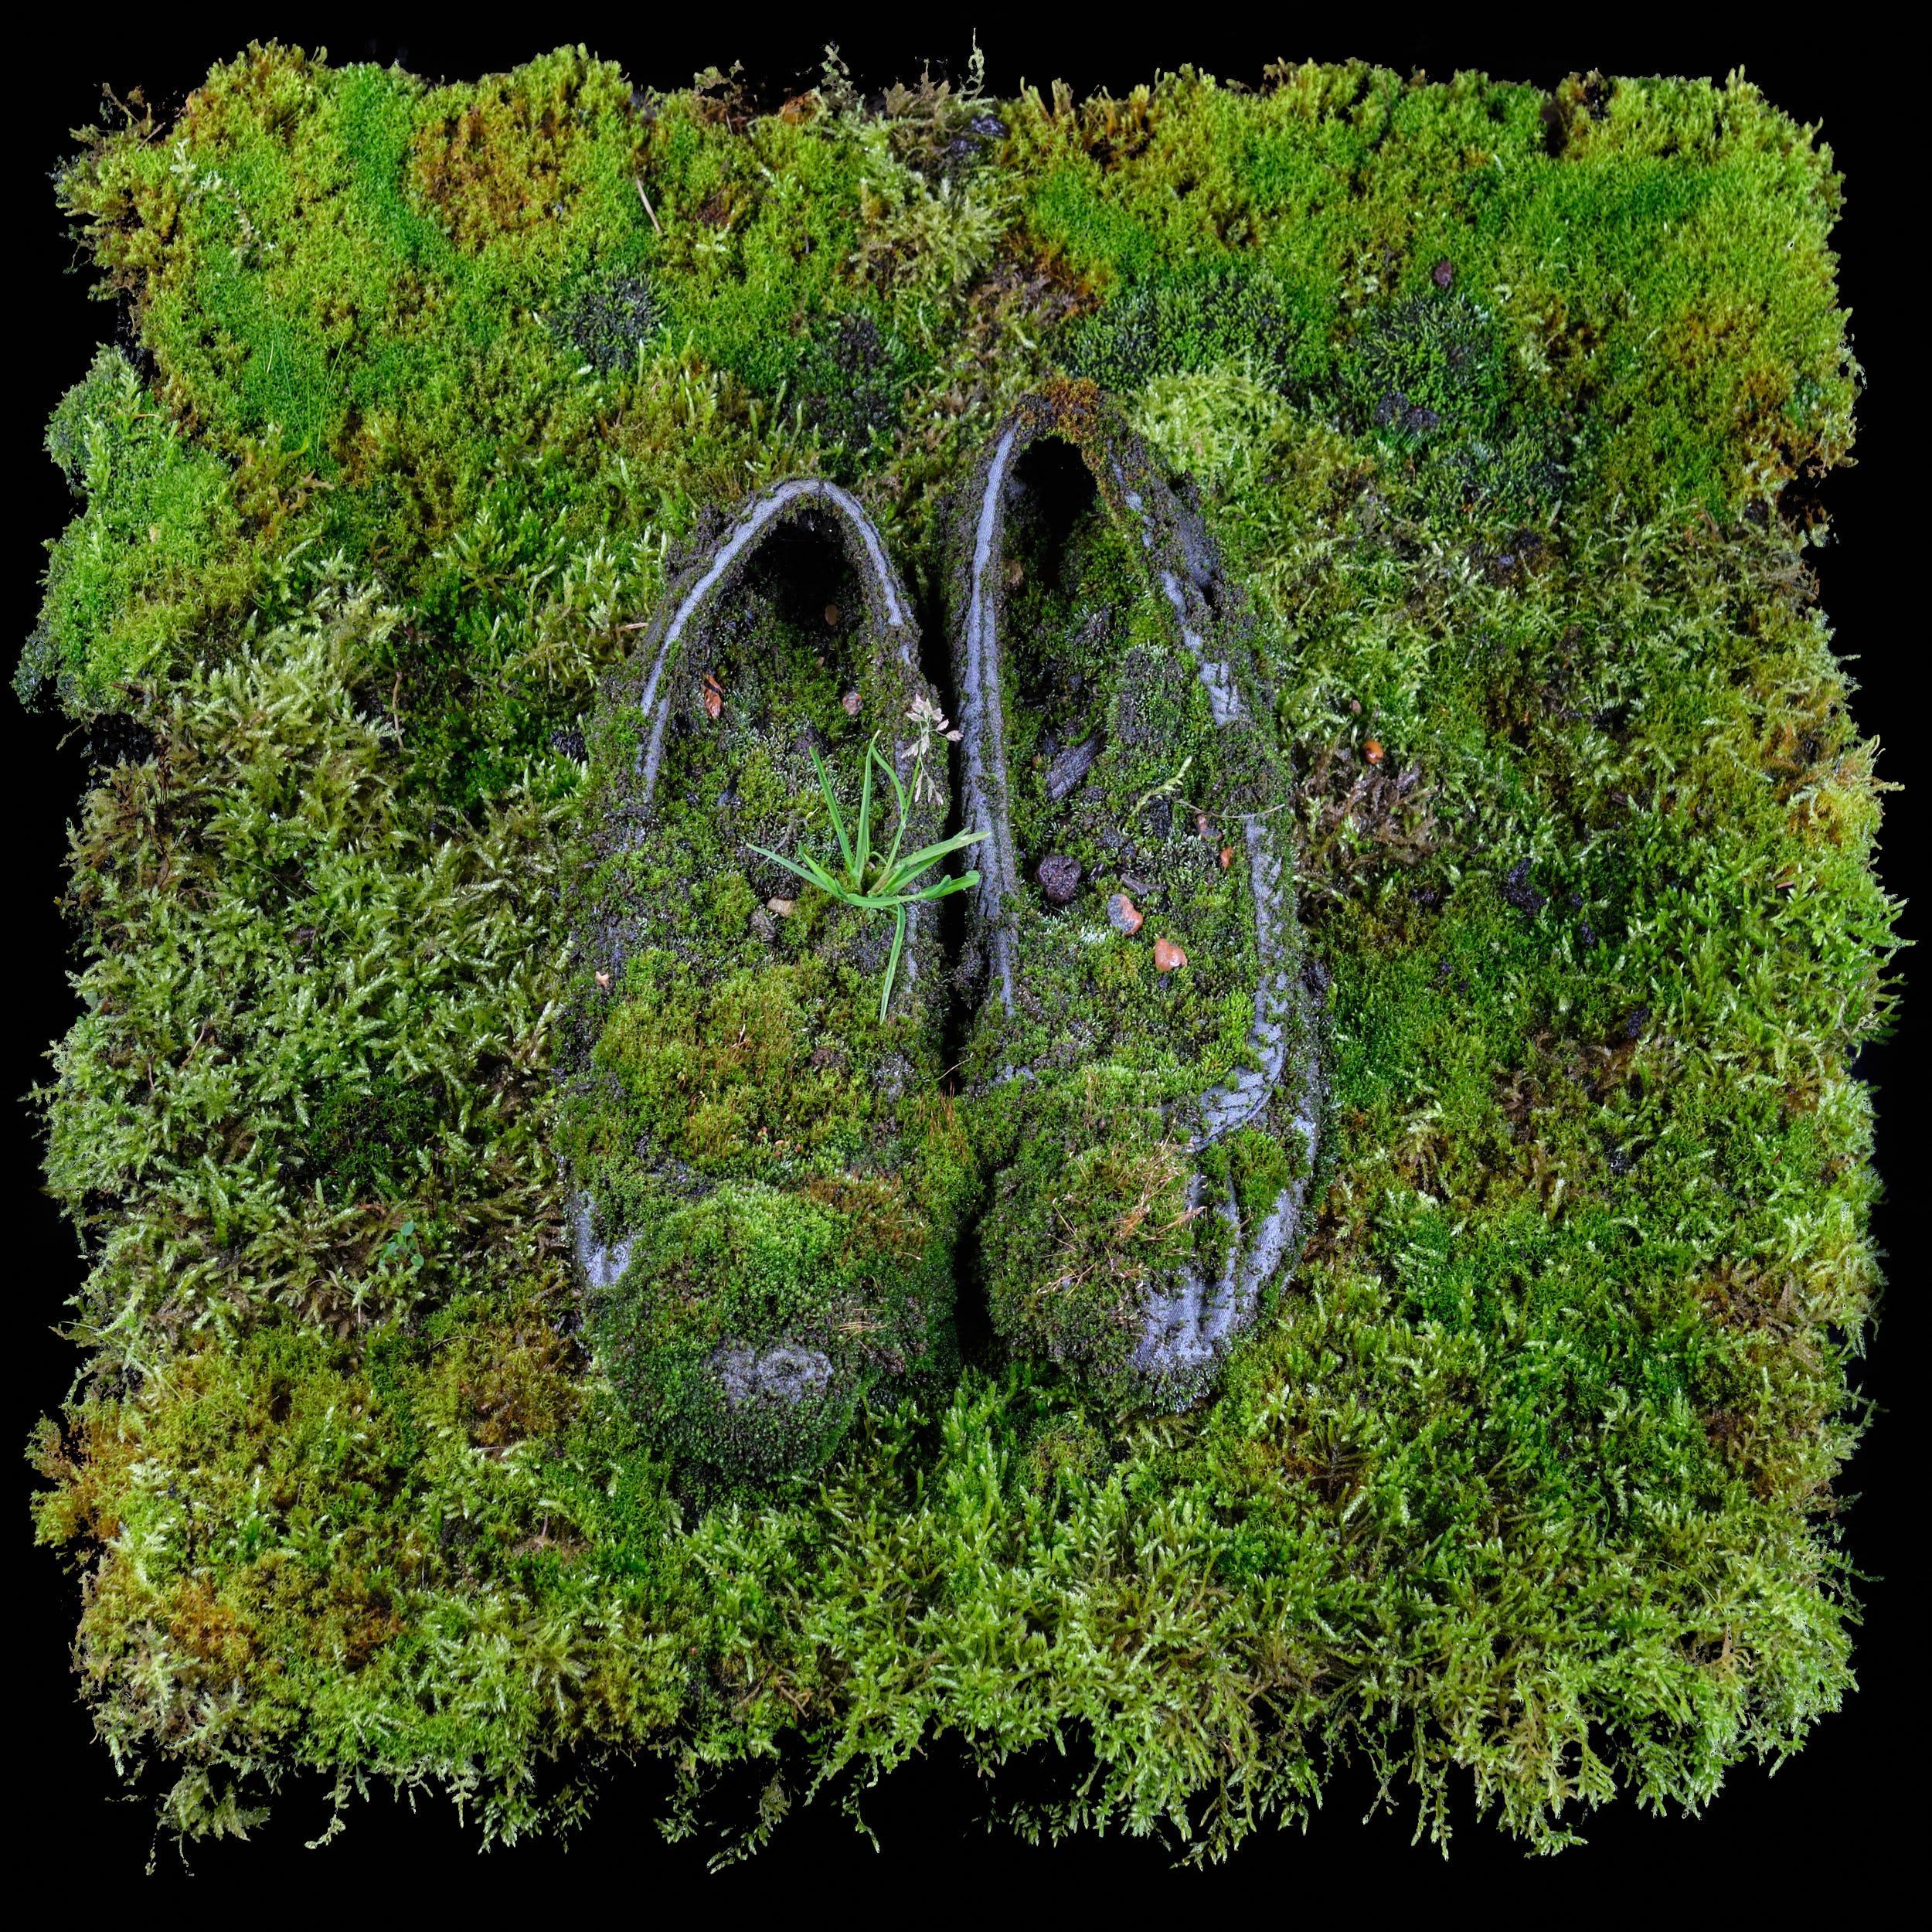 Schuhe - 10 Jahre in der Natur